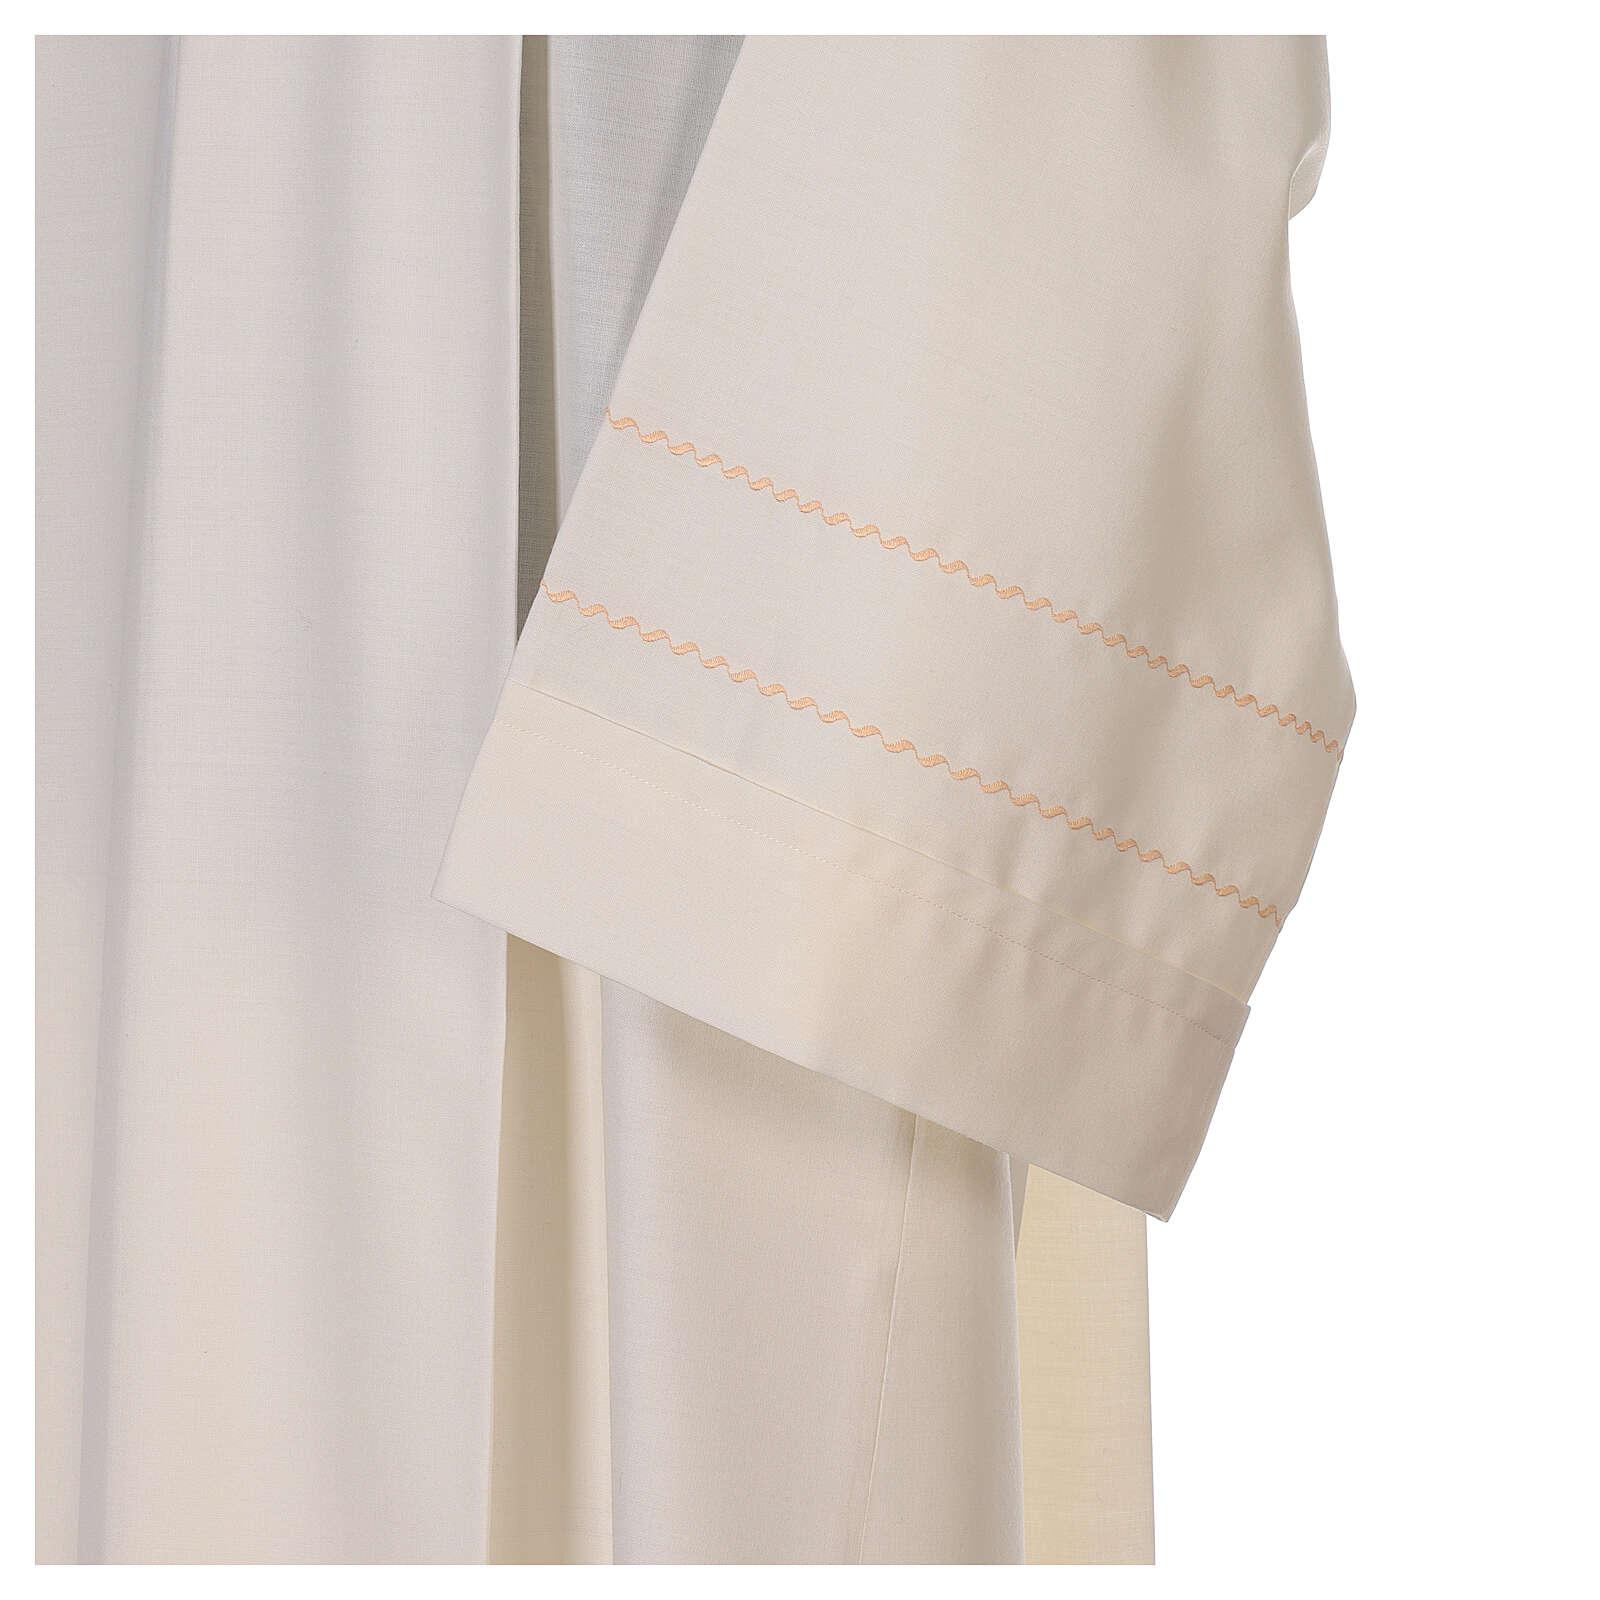 Camice avorio decorazione dorata 55% lana 45% poliestere 4